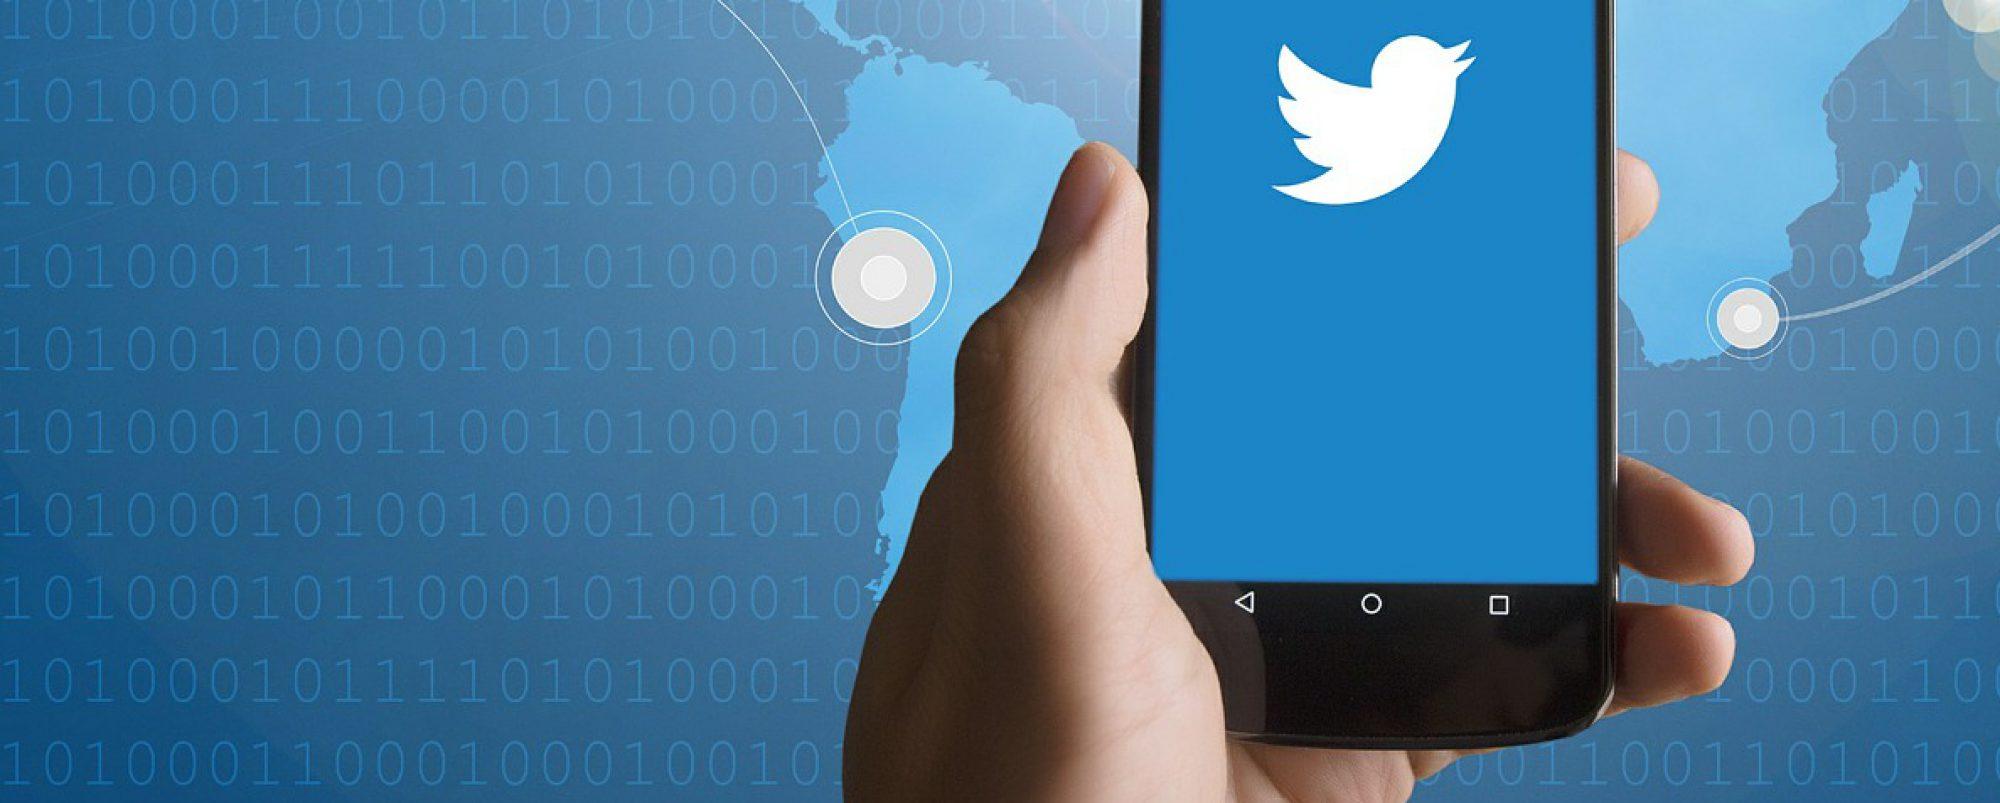 Twitworkz